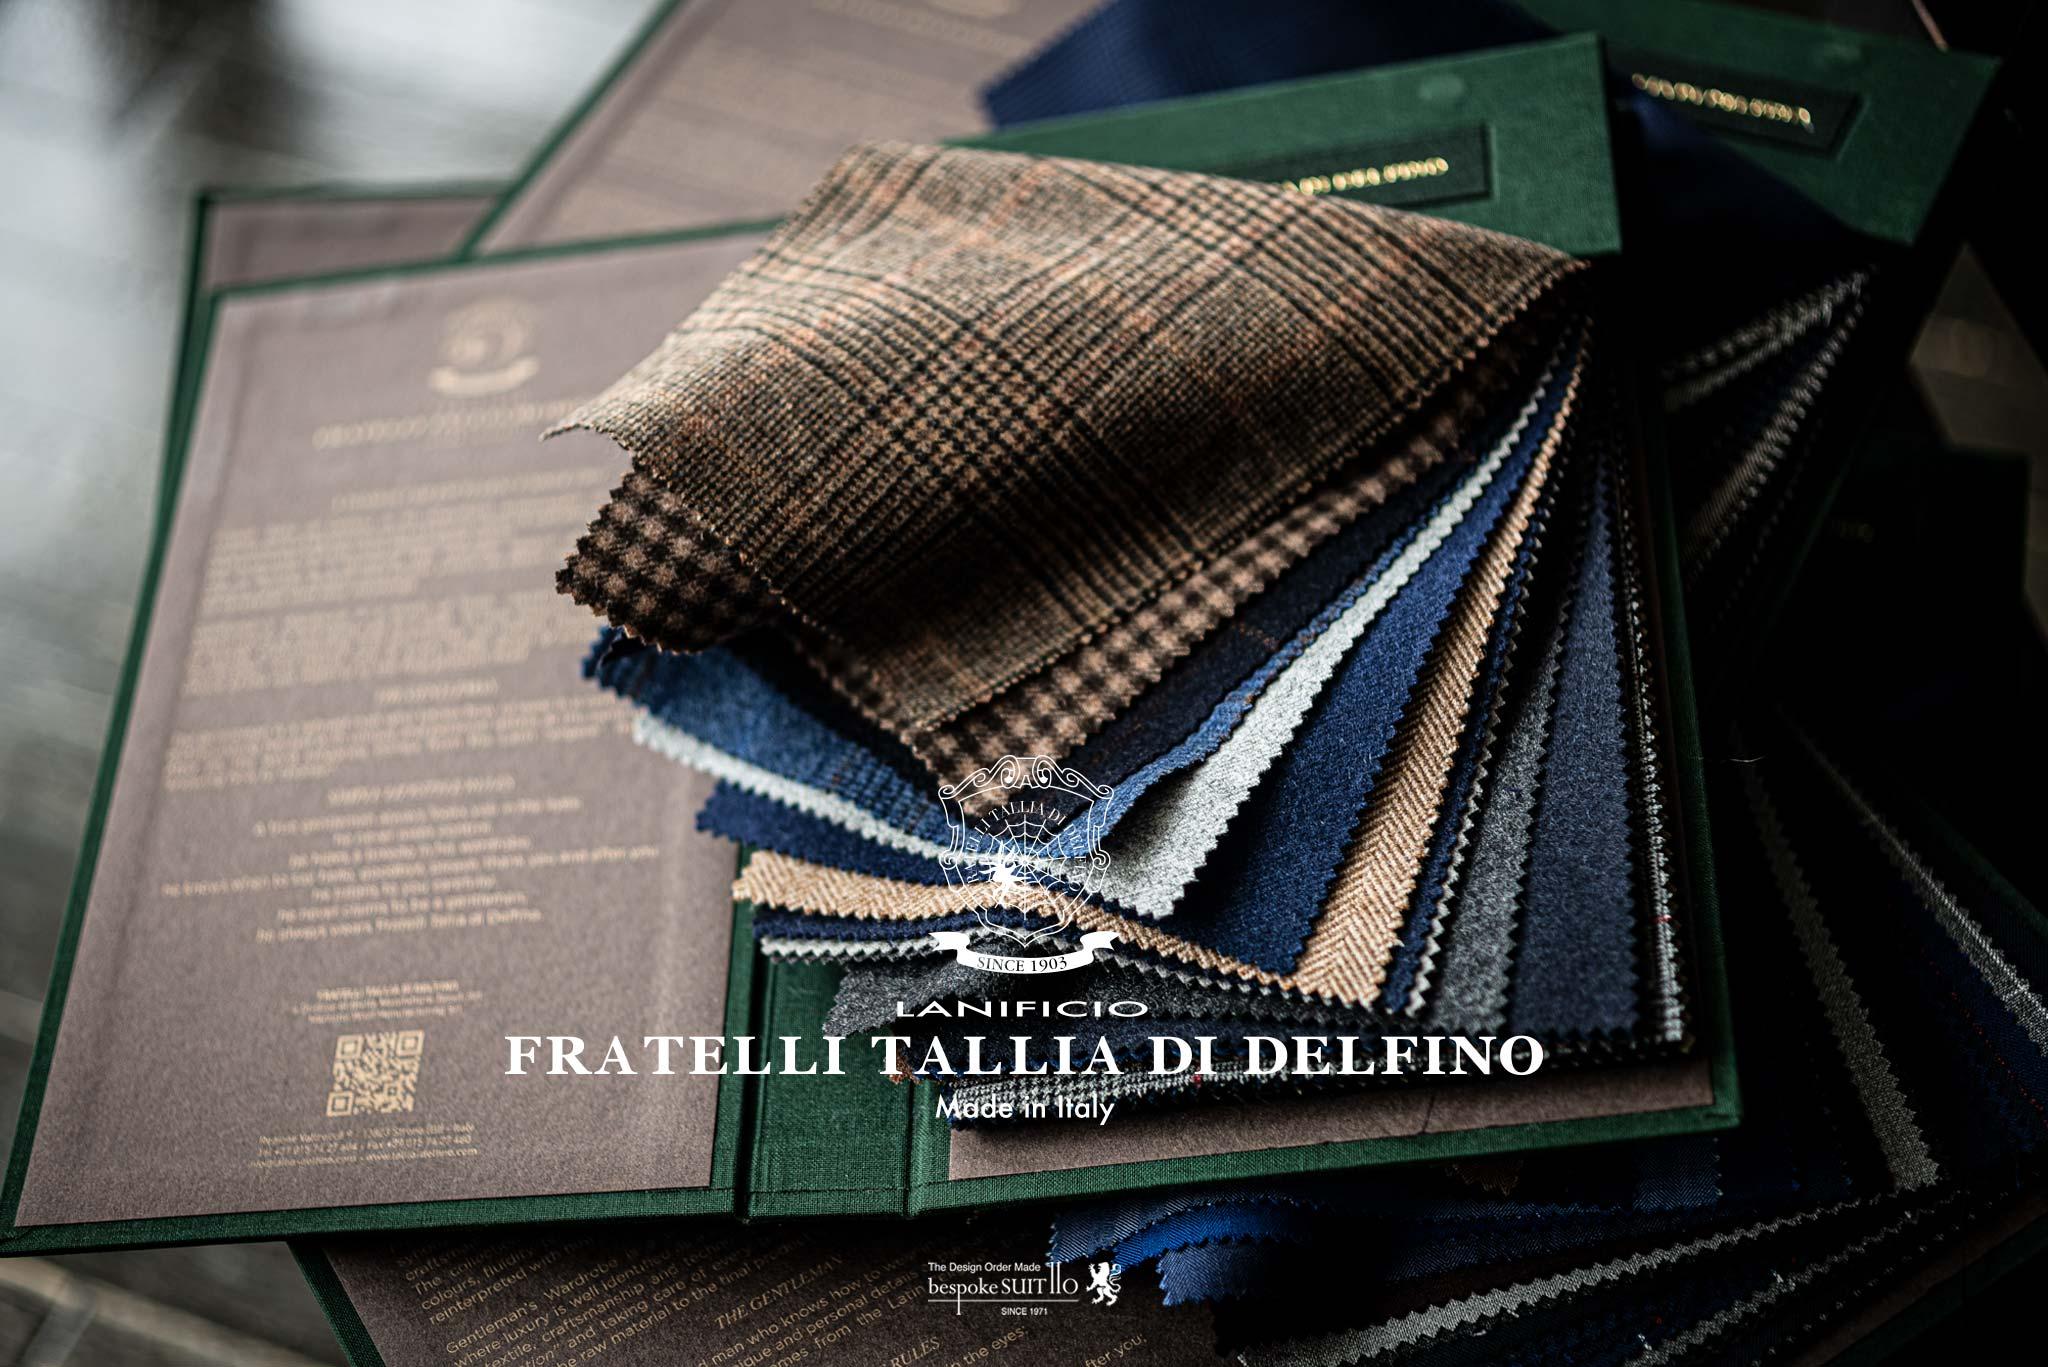 ★入荷しました!NEW!2019AW FRATELLI TALLIA DI DELFINO(タリア デルフィノ)